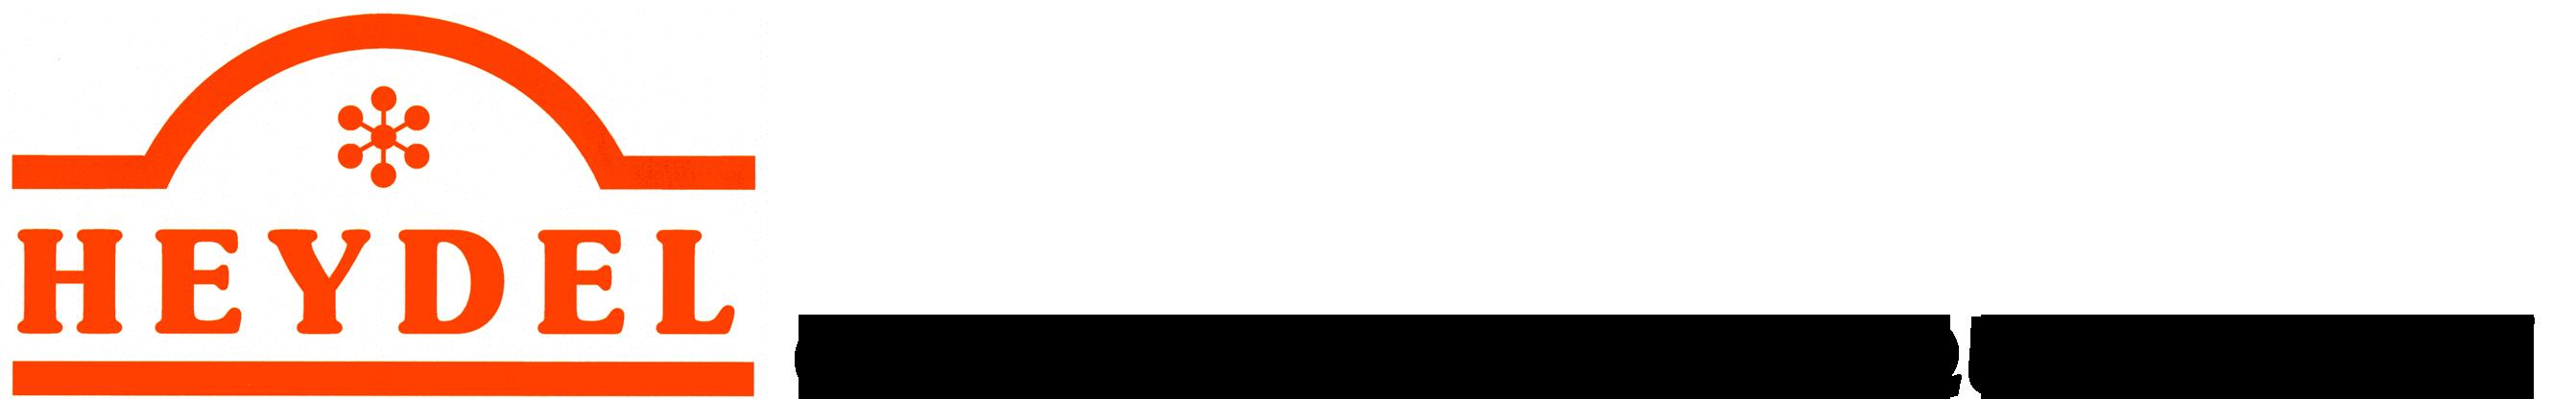 Heydel Geschenkboutique GmbH